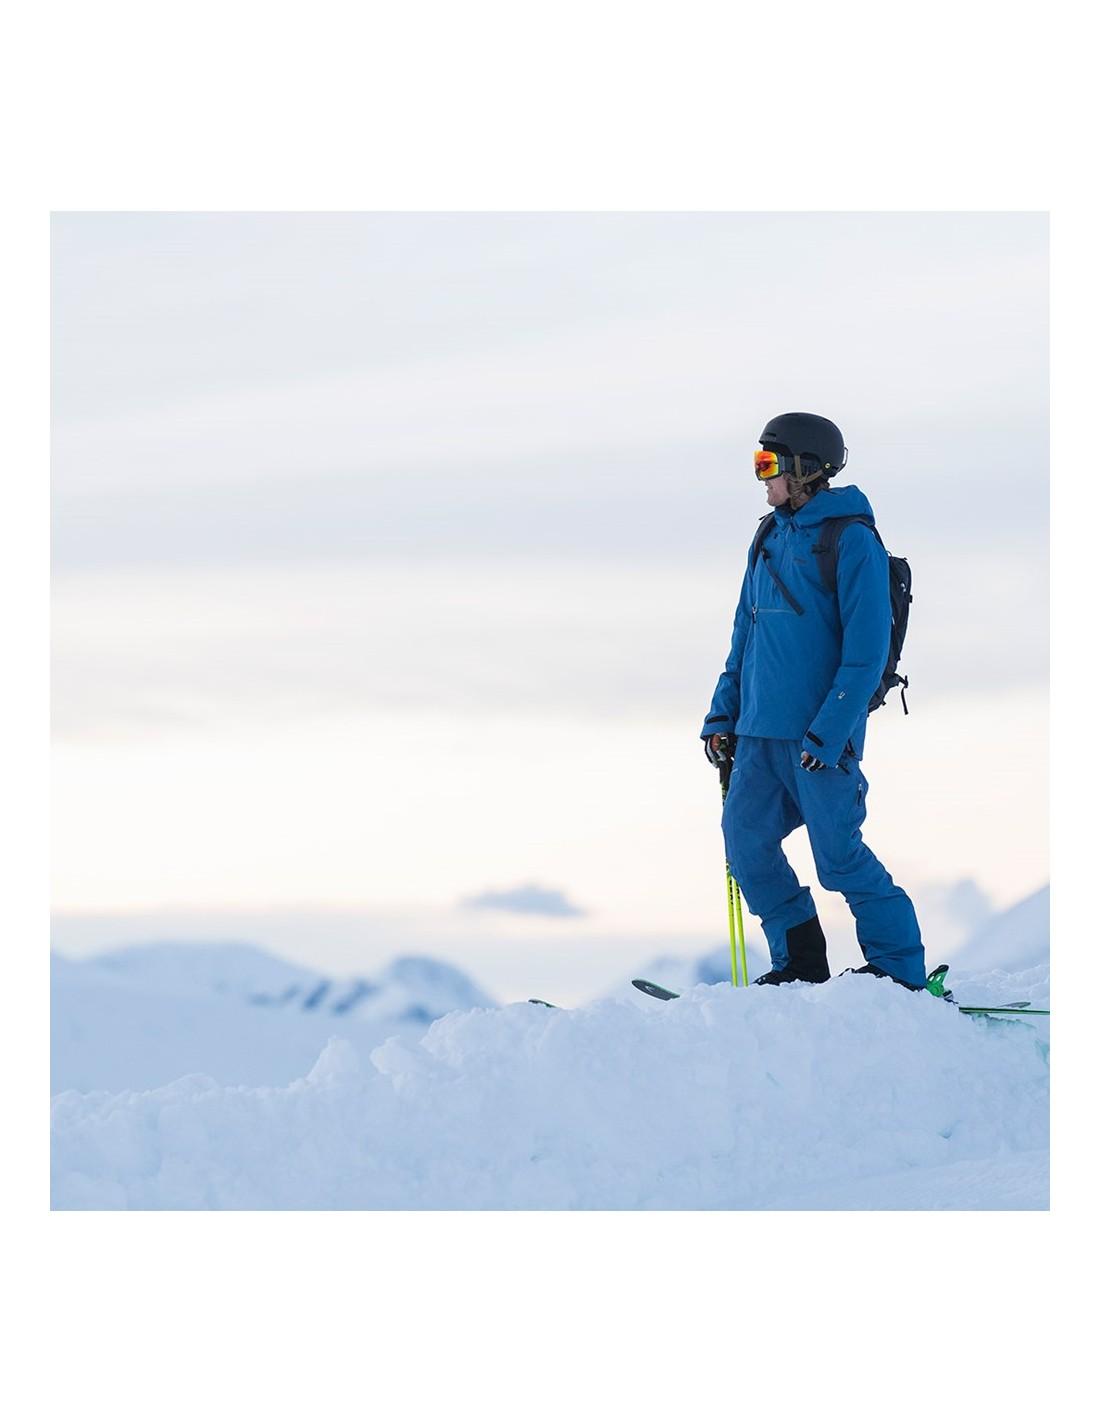 827ecf74133 ... Ski og Snowboardbukser Herrer Bergans Stranda Insulated Pants Herre 8752